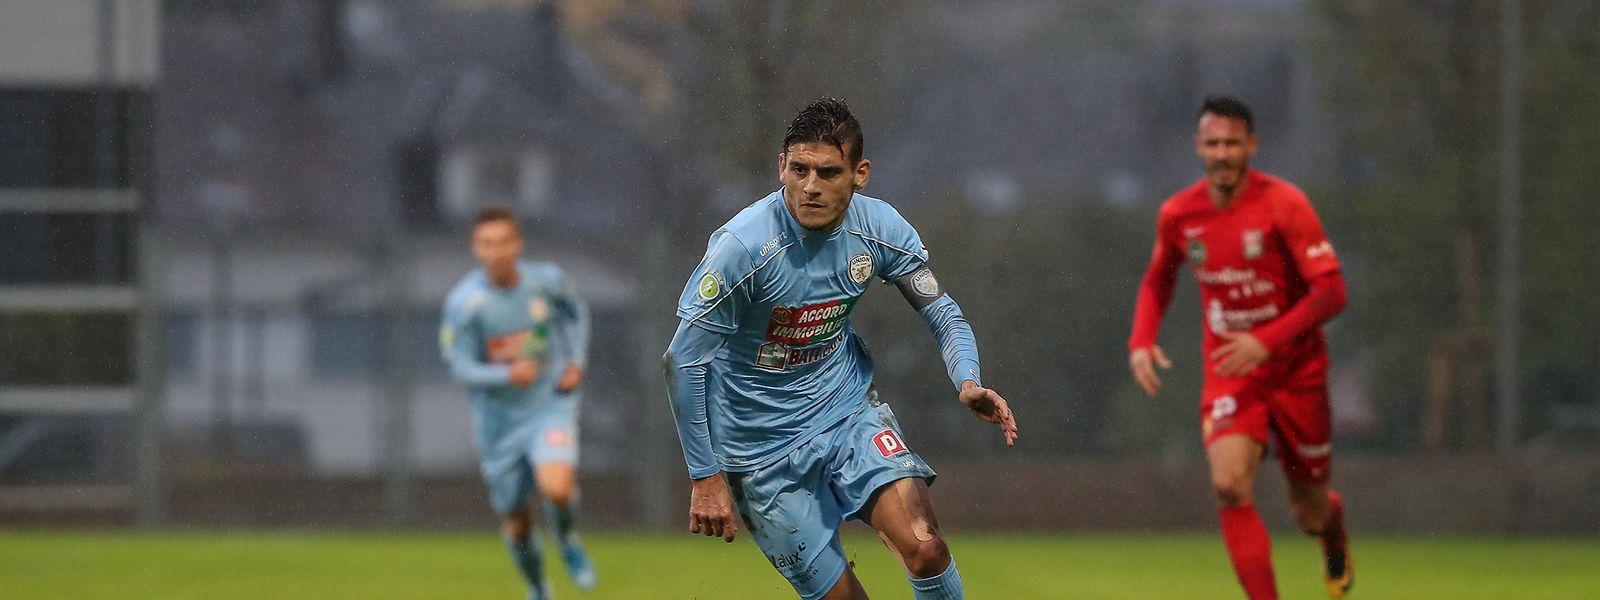 Artur Abreu, six buts en sept sorties. Le Pétangeois a rejoint Françoise et Boakye, auteur d'un doublé dimanche.